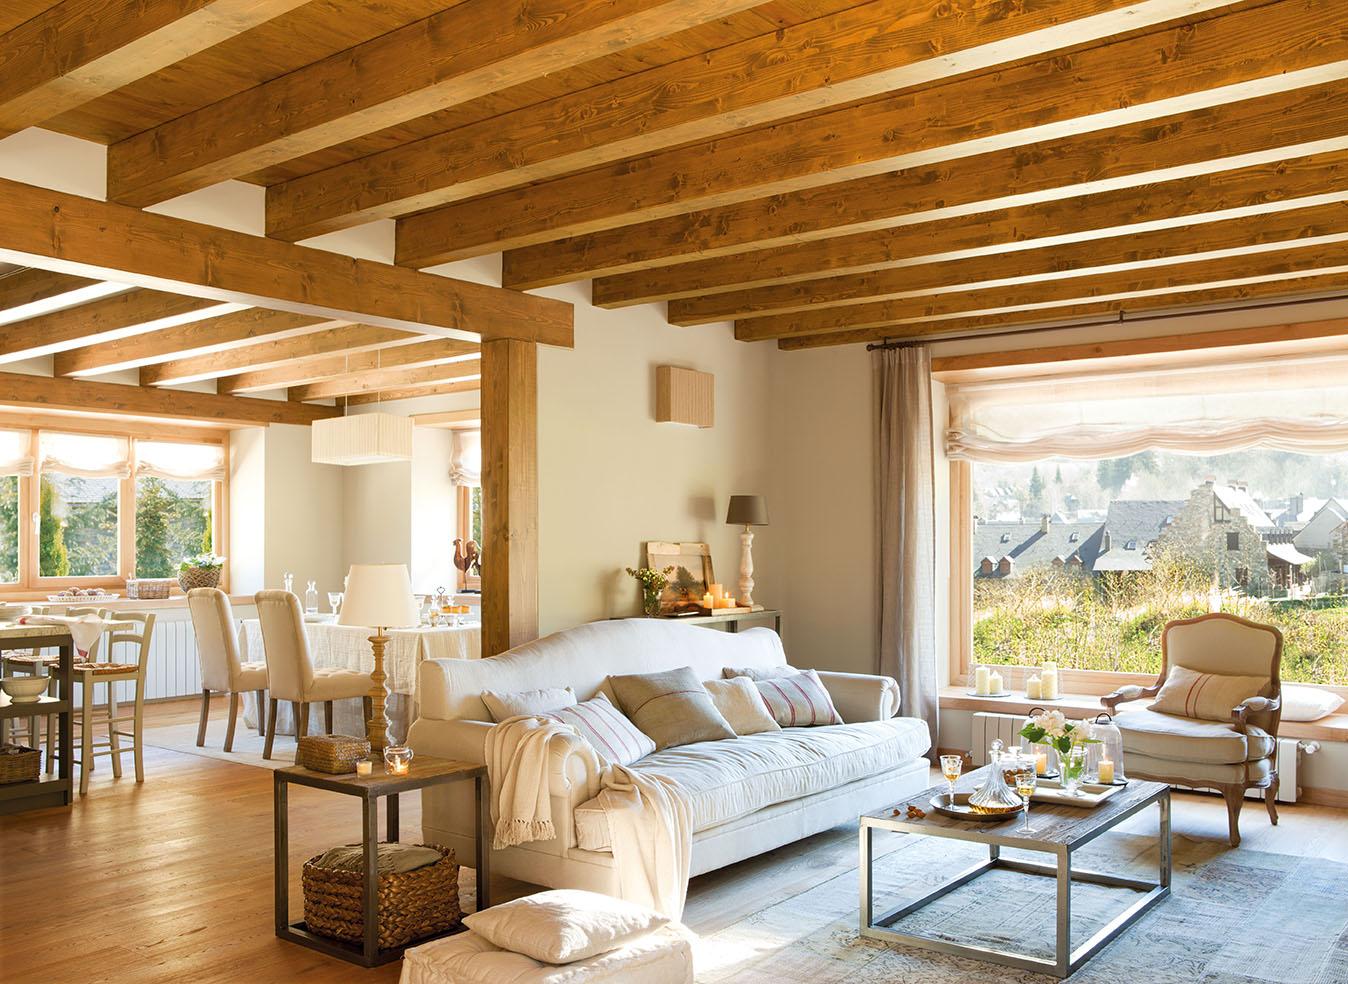 Una casa en los pirineos con techos abuhardillados madera - Madera para techos interiores ...